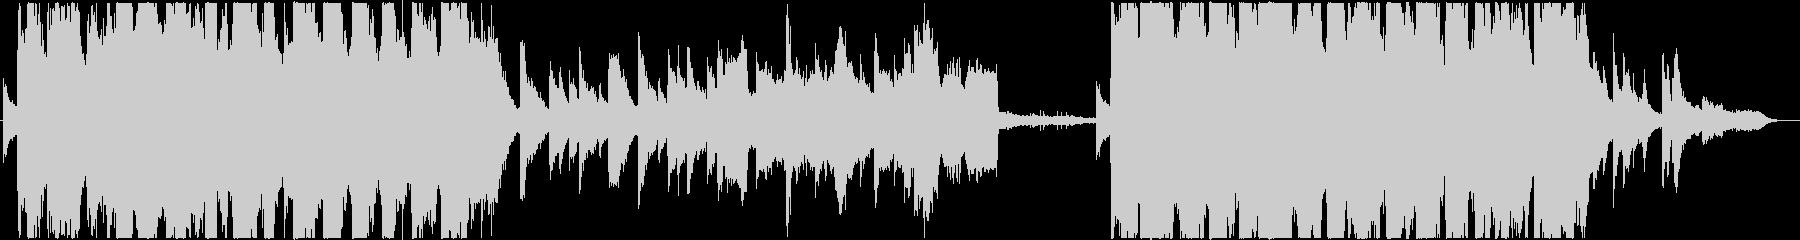 切ない雰囲気3拍子バラード/ピアノチェロの未再生の波形